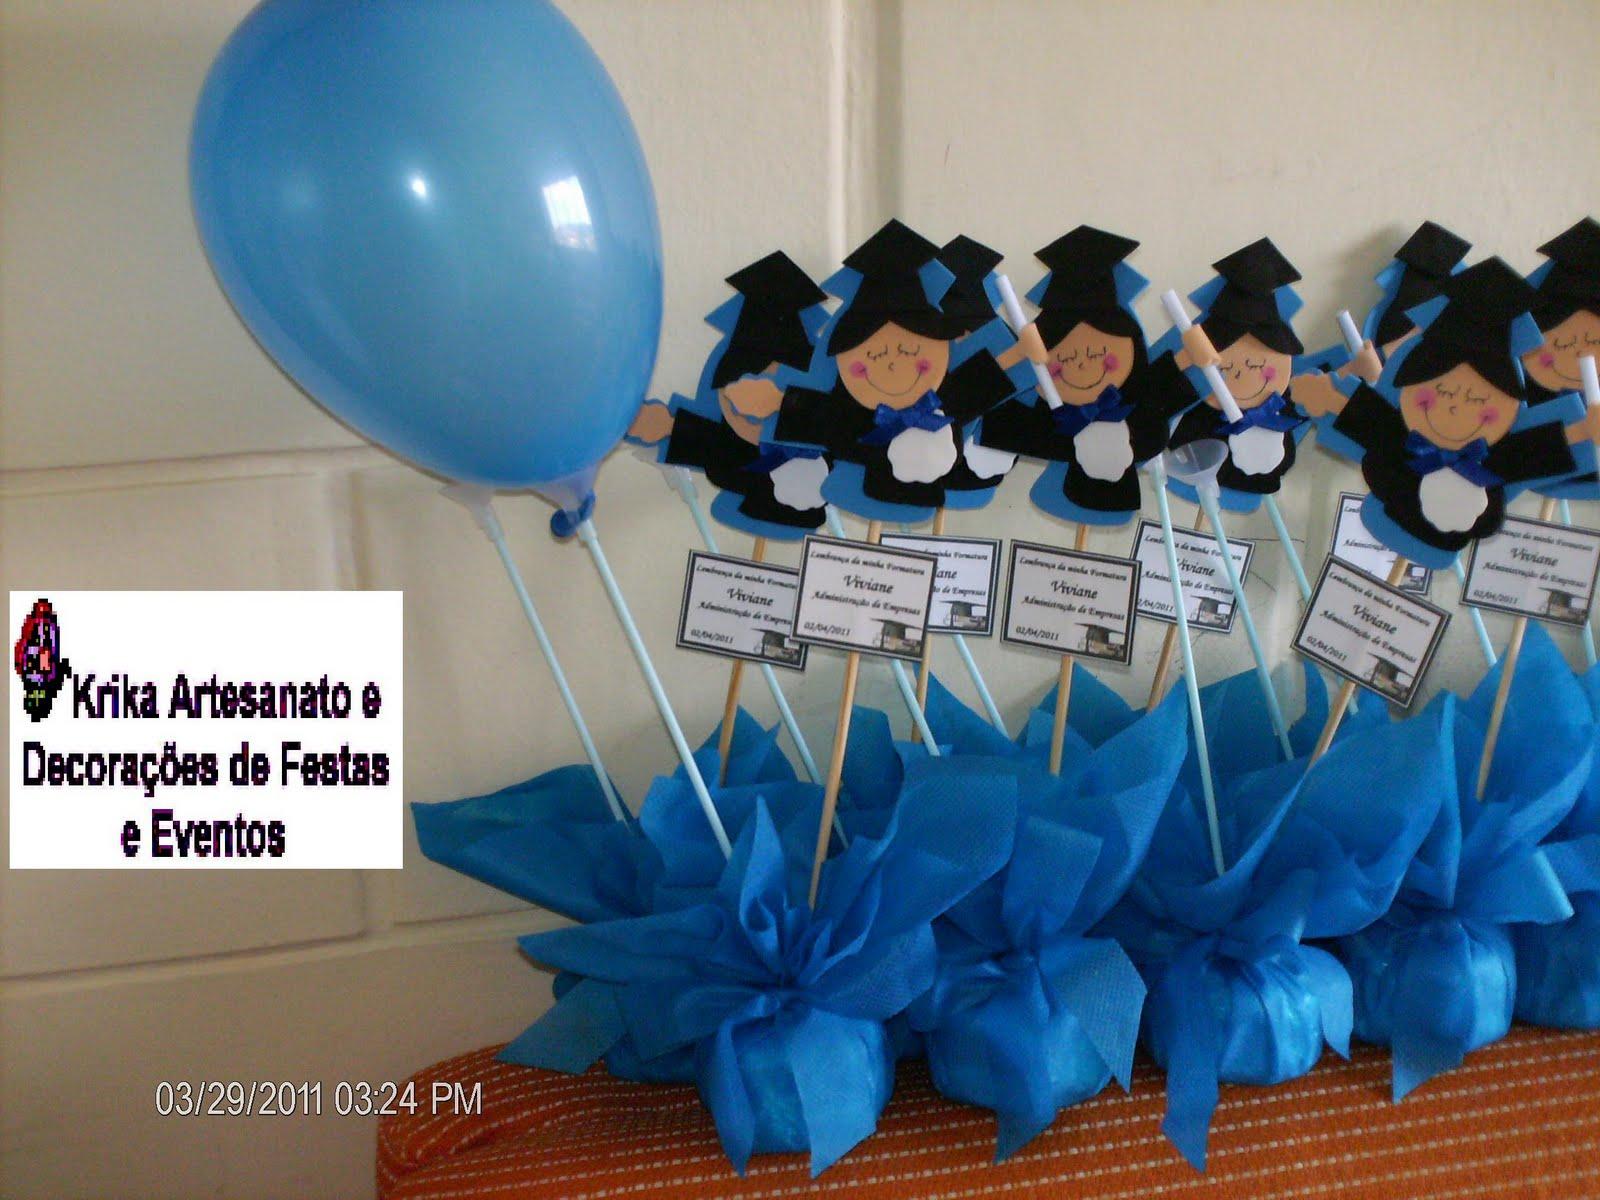 Populares Krika Artesanato - Lembrancinhas e Enfeites: 07/05/2011 RI74